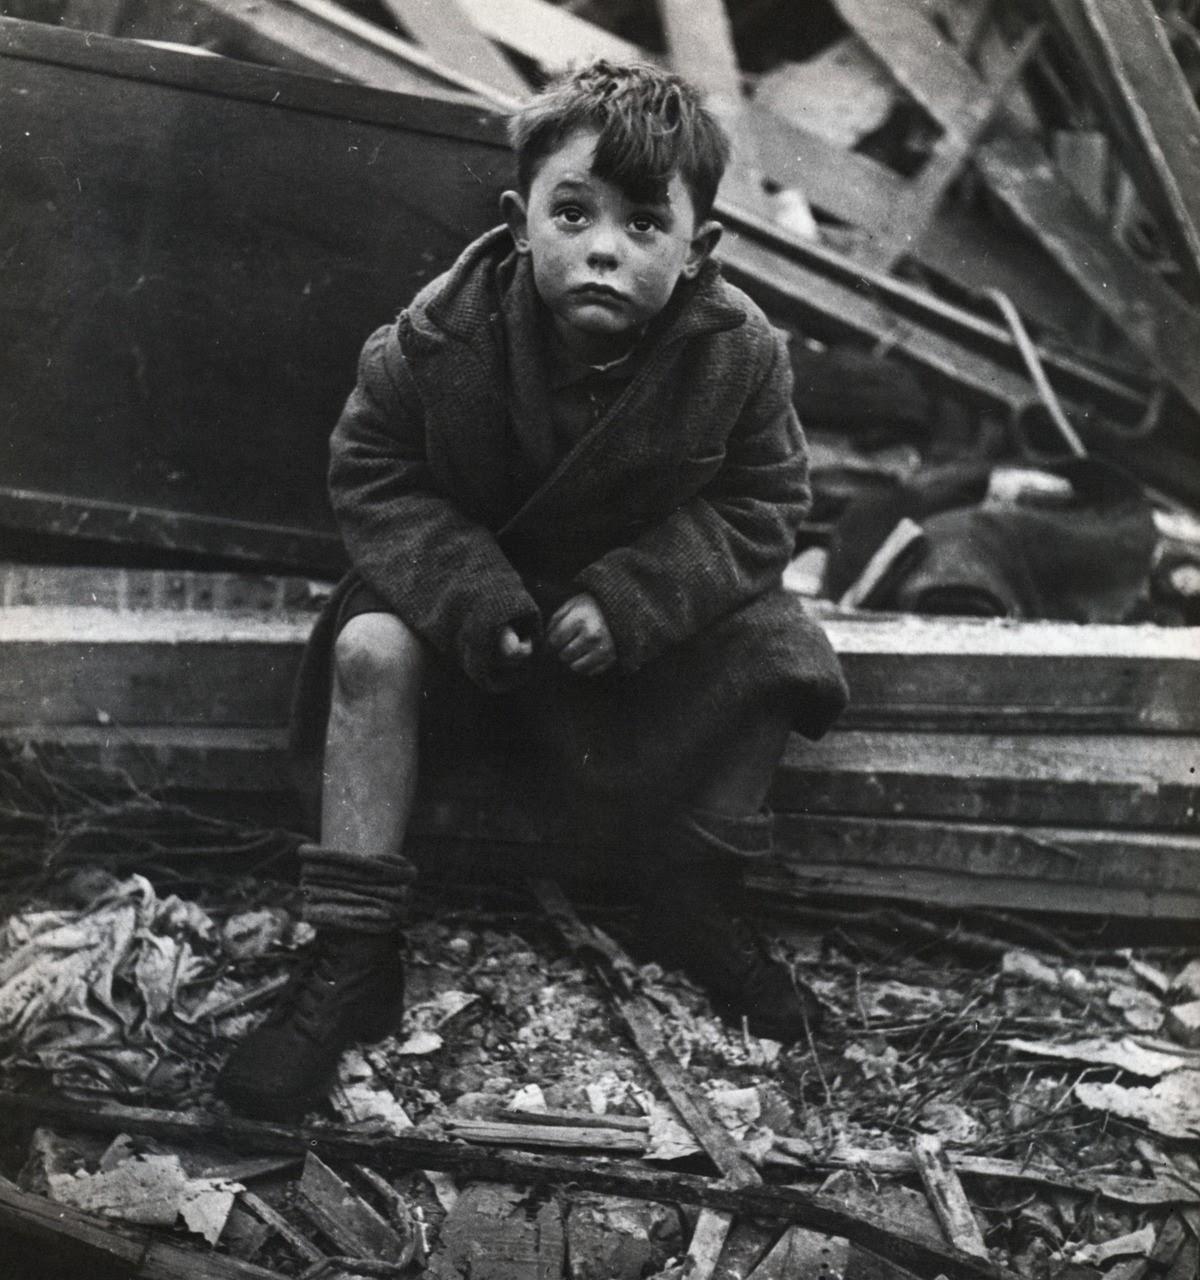 FrisselToni_1945_BoySittingInTheRubbleOfHisHomeWhereHisParentsLieBurriedAfterV2BombHit_London